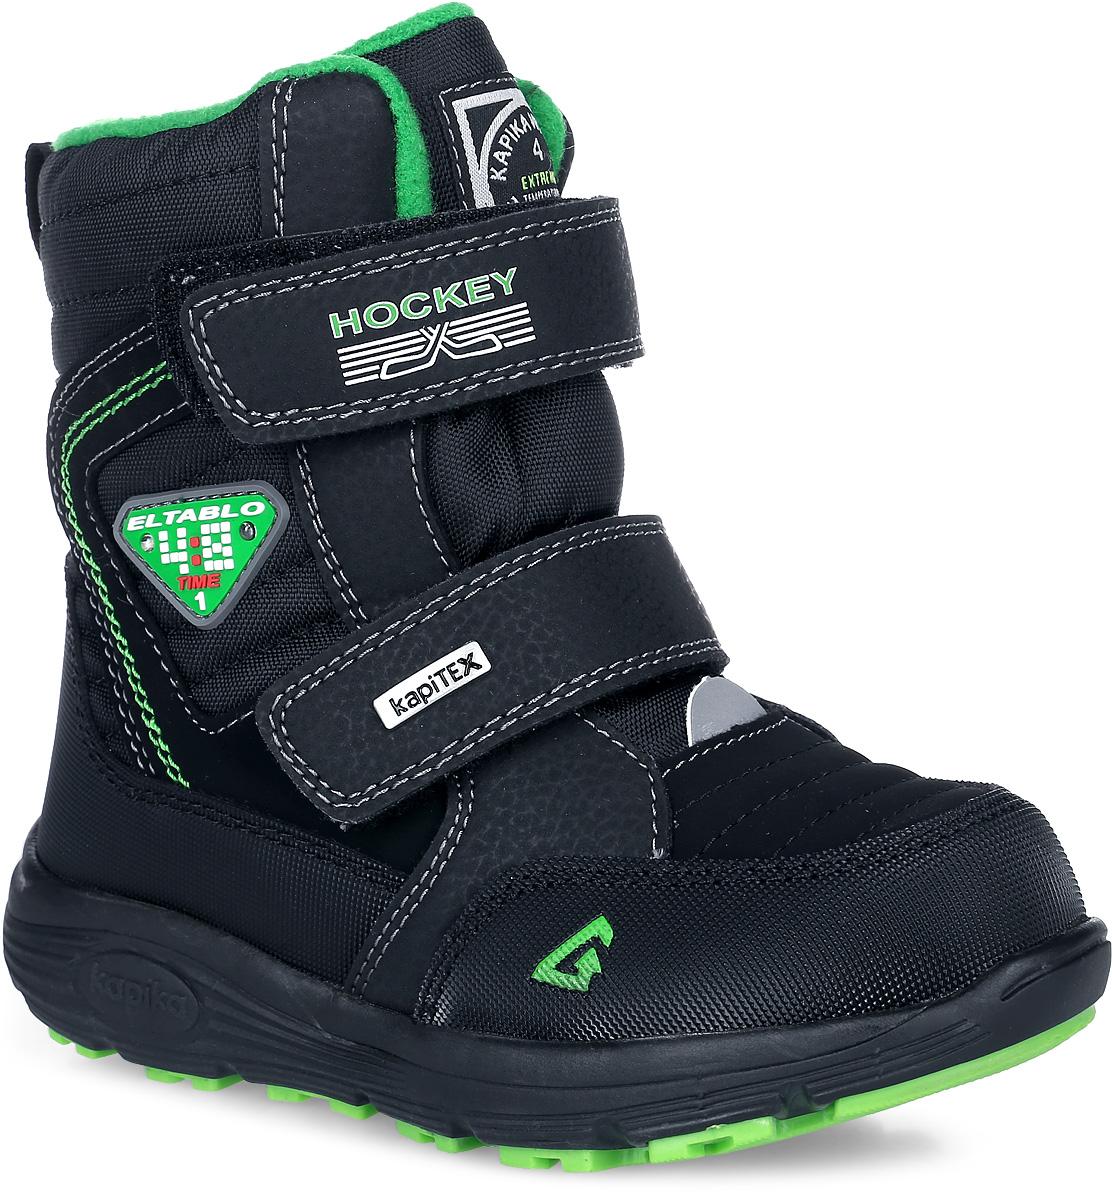 42181-1Стильные и теплые ботинки от Kapika заинтересуют вашего мальчика с первого взгляда. Обувь изготовлена из водонепроницаемого текстиля и искусственной кожи. Модель оформлена оригинальными нашивками и декоративной прострочкой. Носочная и задняя части дополнены накладками для лучшей сохранности обуви. Ярлычок на заднике облегчит надевание модели. Язычок оформлен фирменной нашивкой. На ноге модель фиксируется с помощью ремешков с застежками-липучками, оформленными фирменной металлической пластинкой и оригинальным принтом. Внутренняя поверхность и стелька изготовлены из утепленного текстиля с добавлением шерсти и обеспечат ножкам комфорт и тепло. Подошва изготовлена из легкого и прочного ТЭП-материала, что гарантирует отличное сцепление с любой поверхностью. Такие практичные ботинки займут достойное место в гардеробе вашего ребенка.